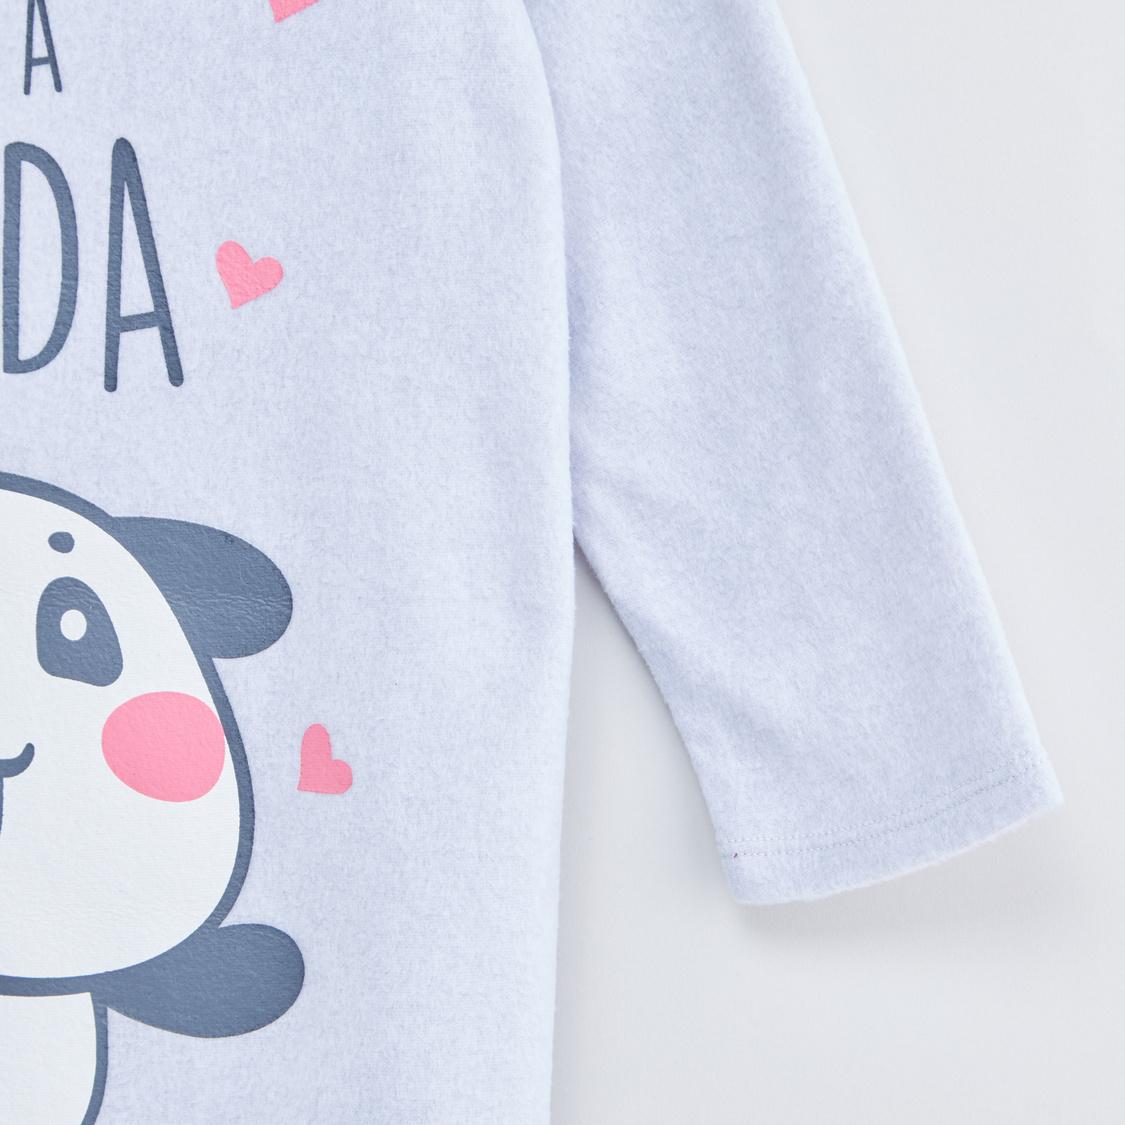 قميص نوم بياقة مستديرة وأكمام طويلة وطبعات - تشكيلة كوزي